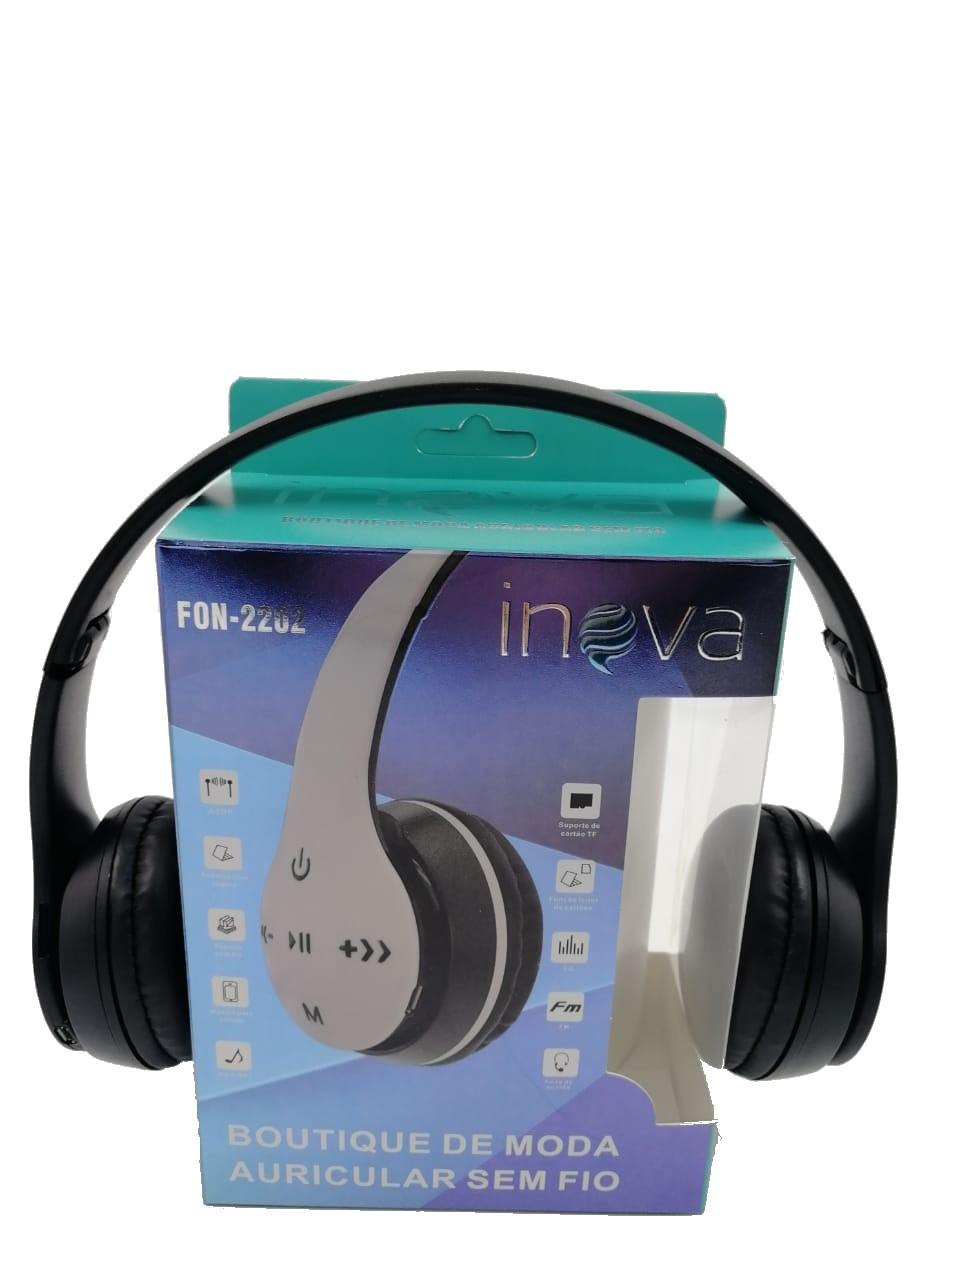 Fone de Ouvido Bluetooth FON-2202 - INOVA